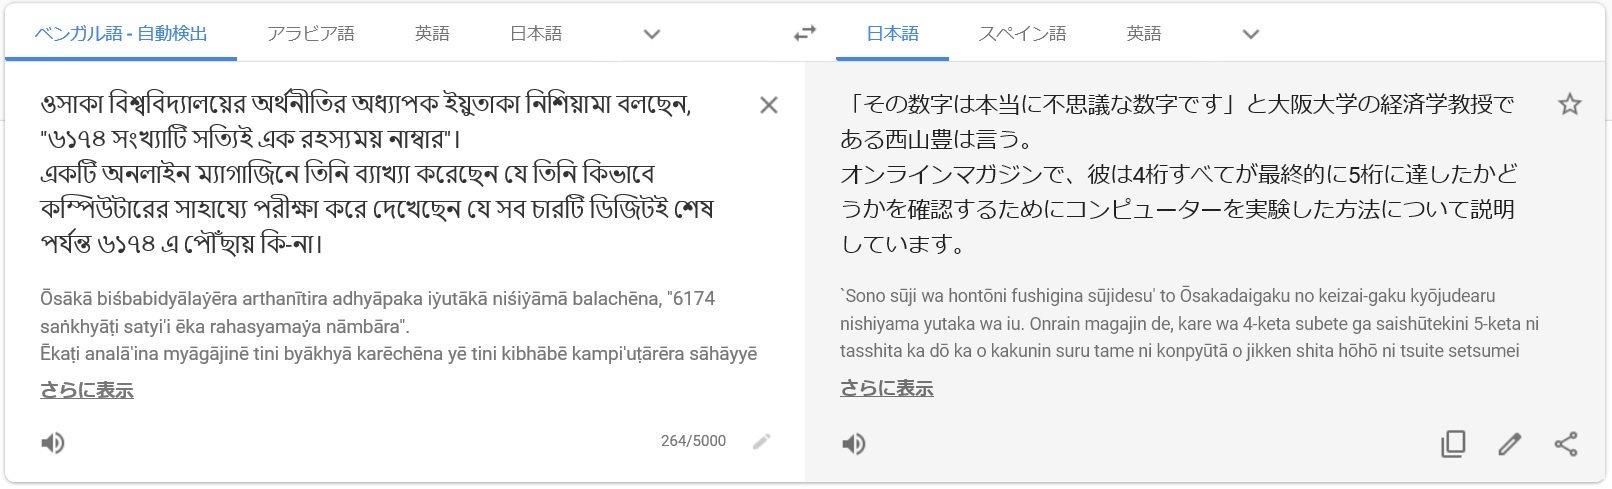 を の ベンガル 翻訳 語